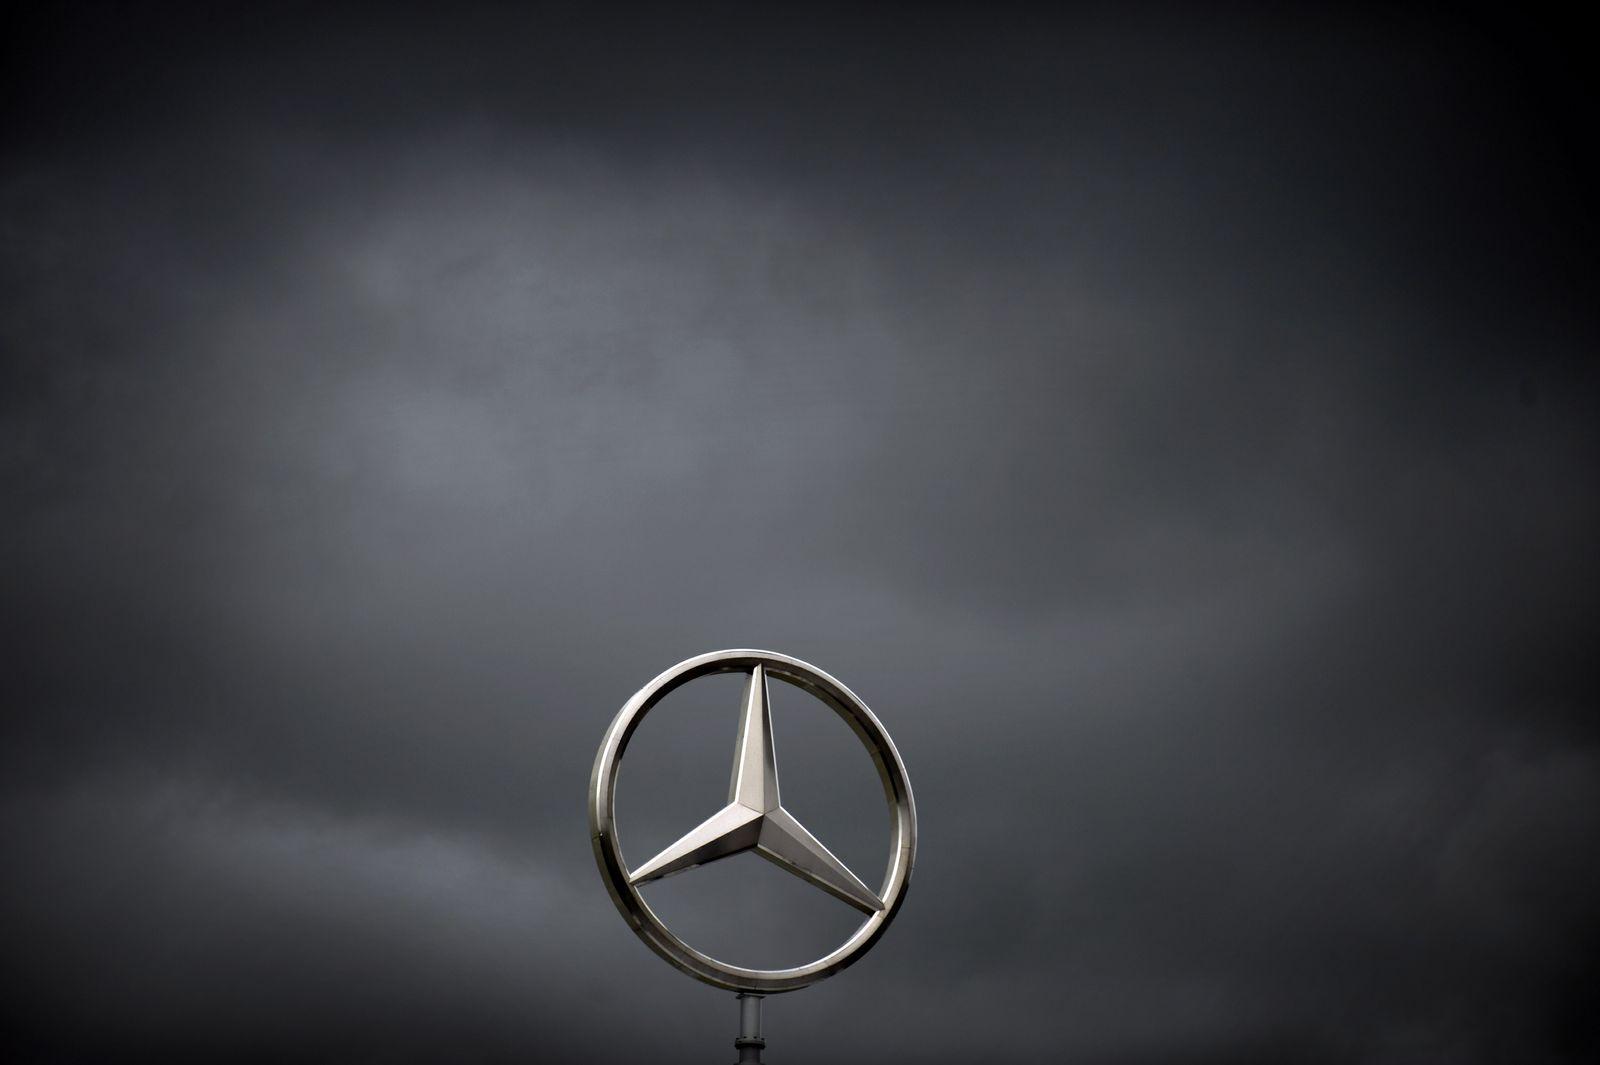 NICHT VERWENDEN Daimler/Bestechung